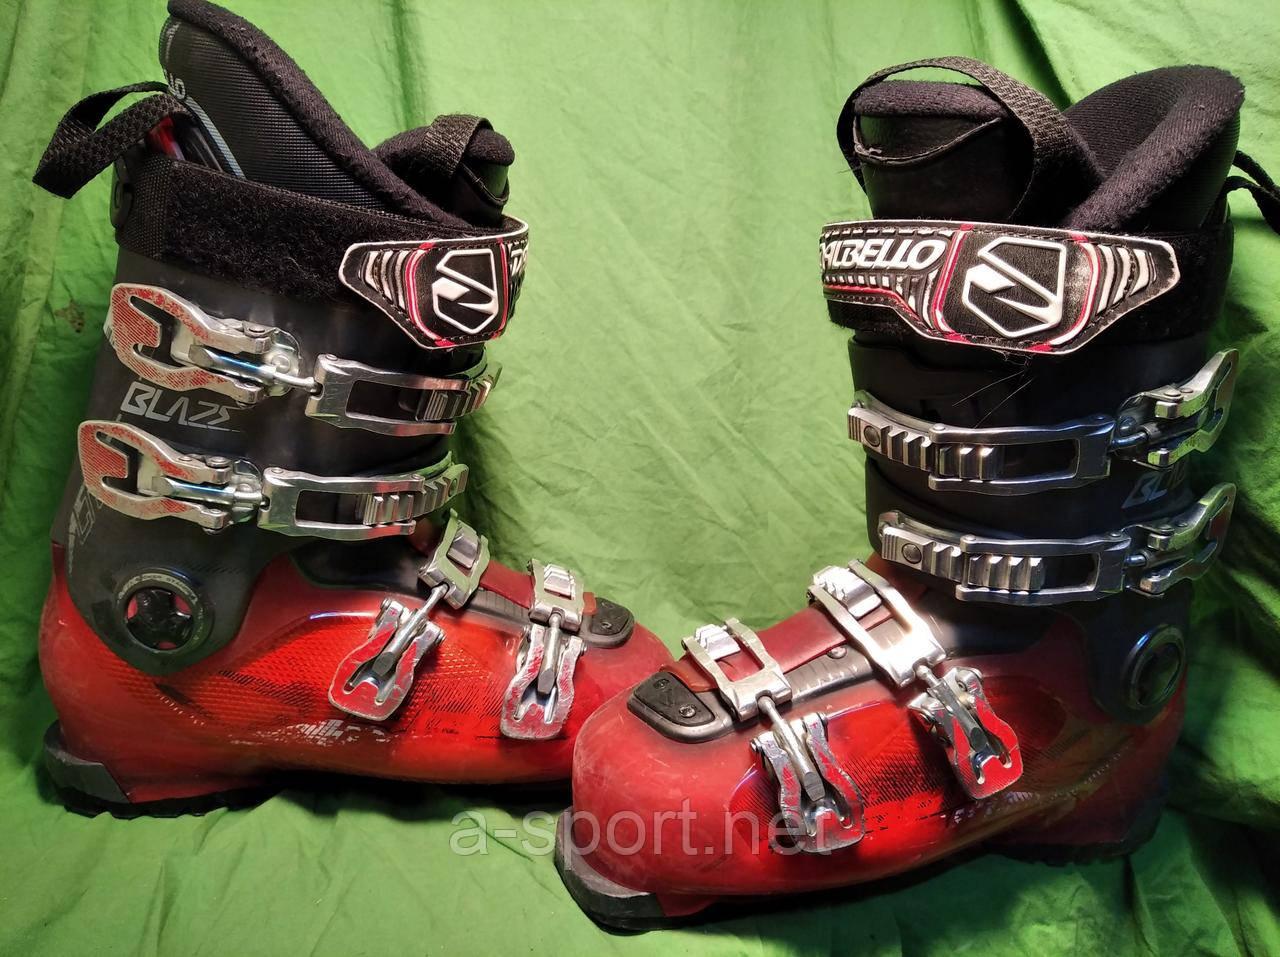 Гірськолижні черевики Dalbello LTD 75 26.5 см